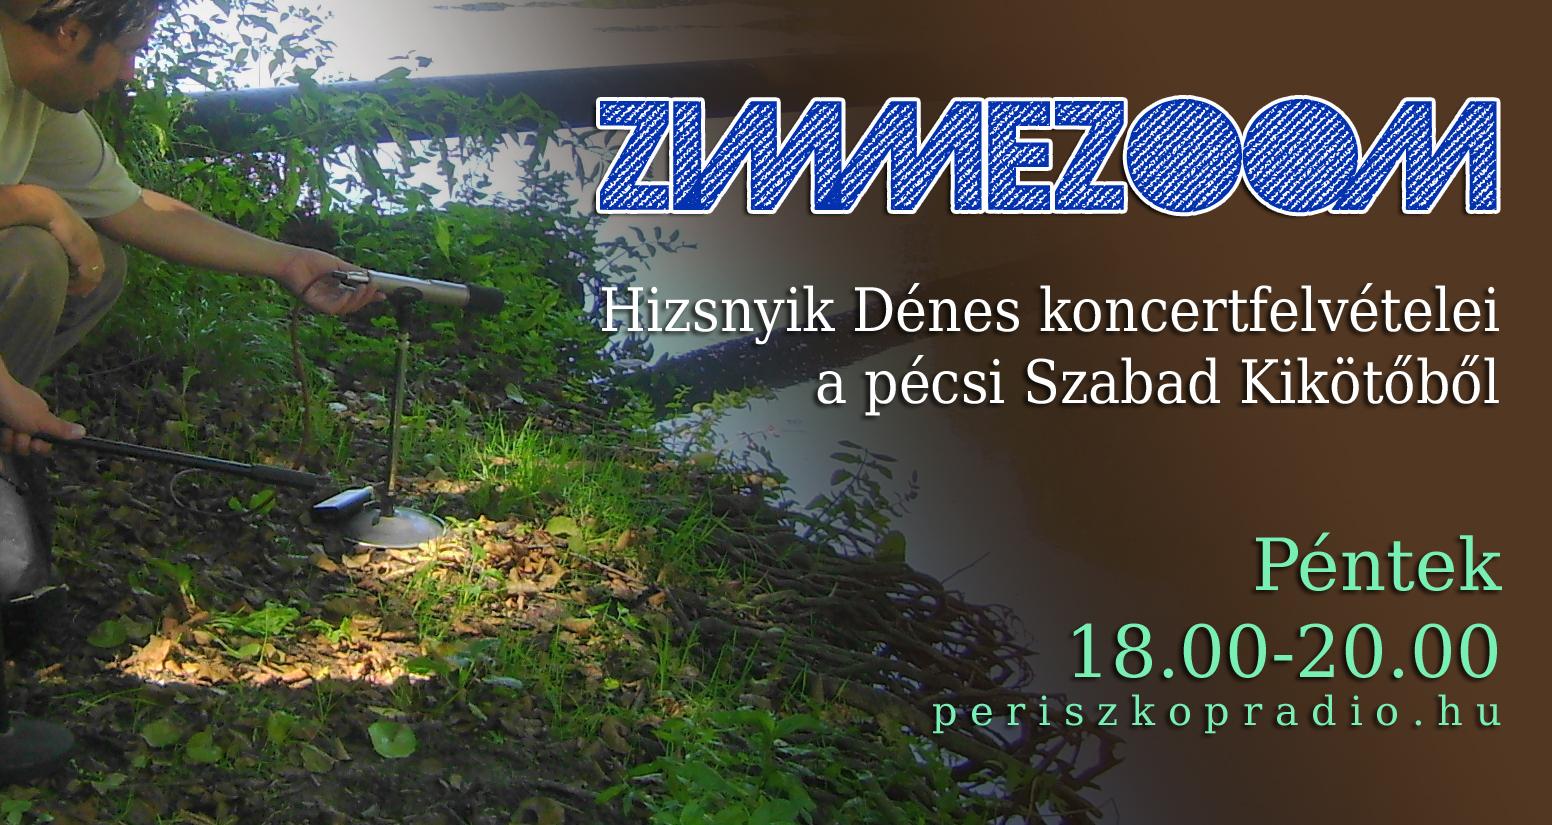 zimmezoom